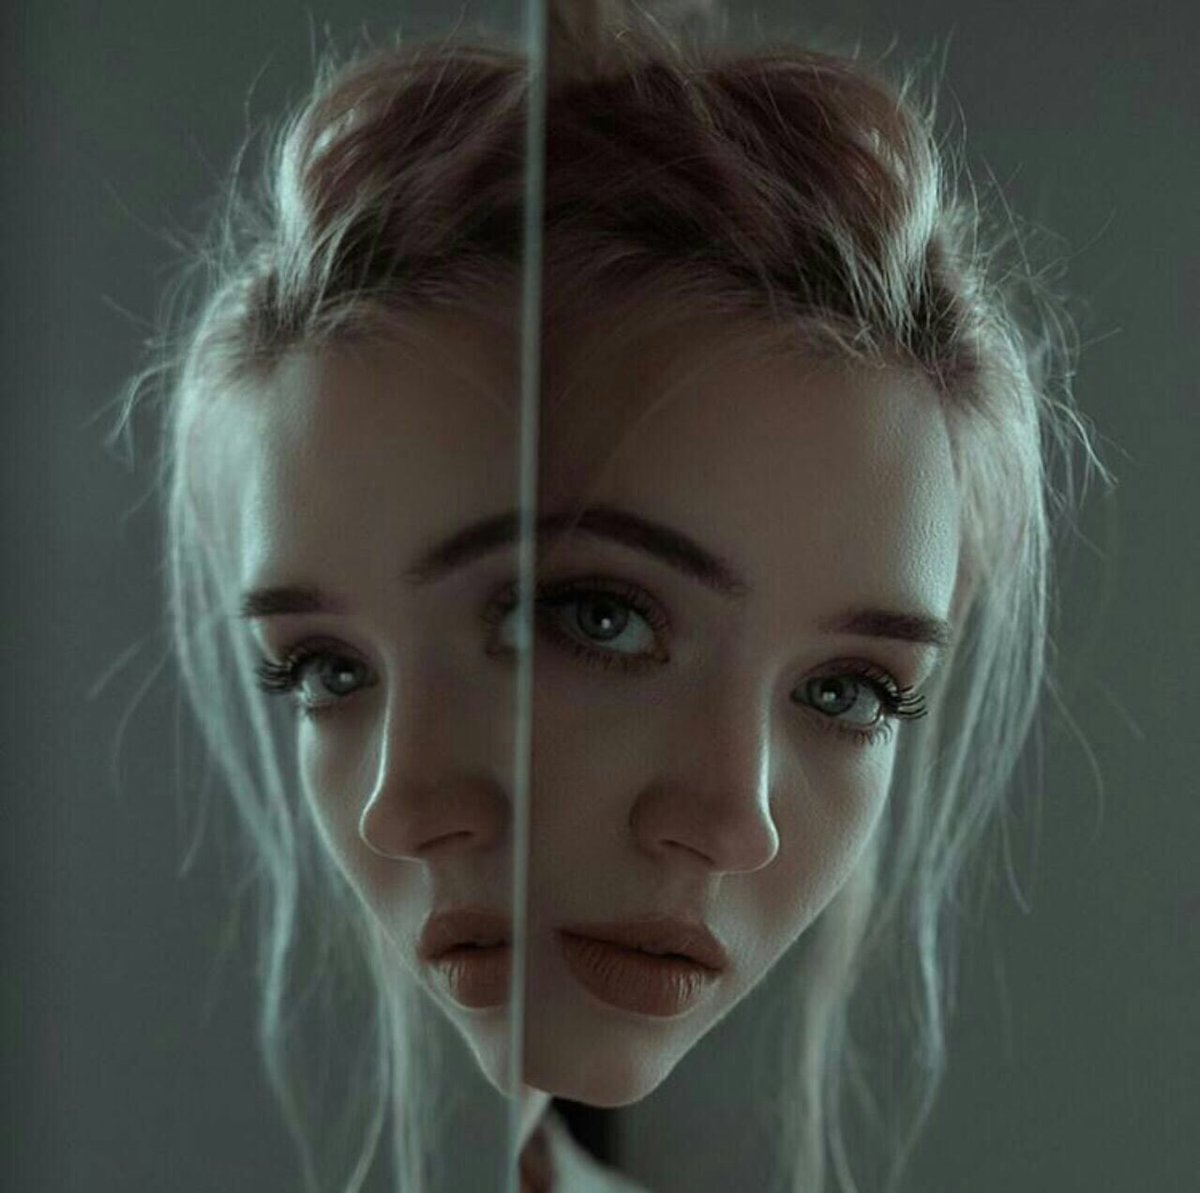 طفلة فتاة حزينة وحيدة